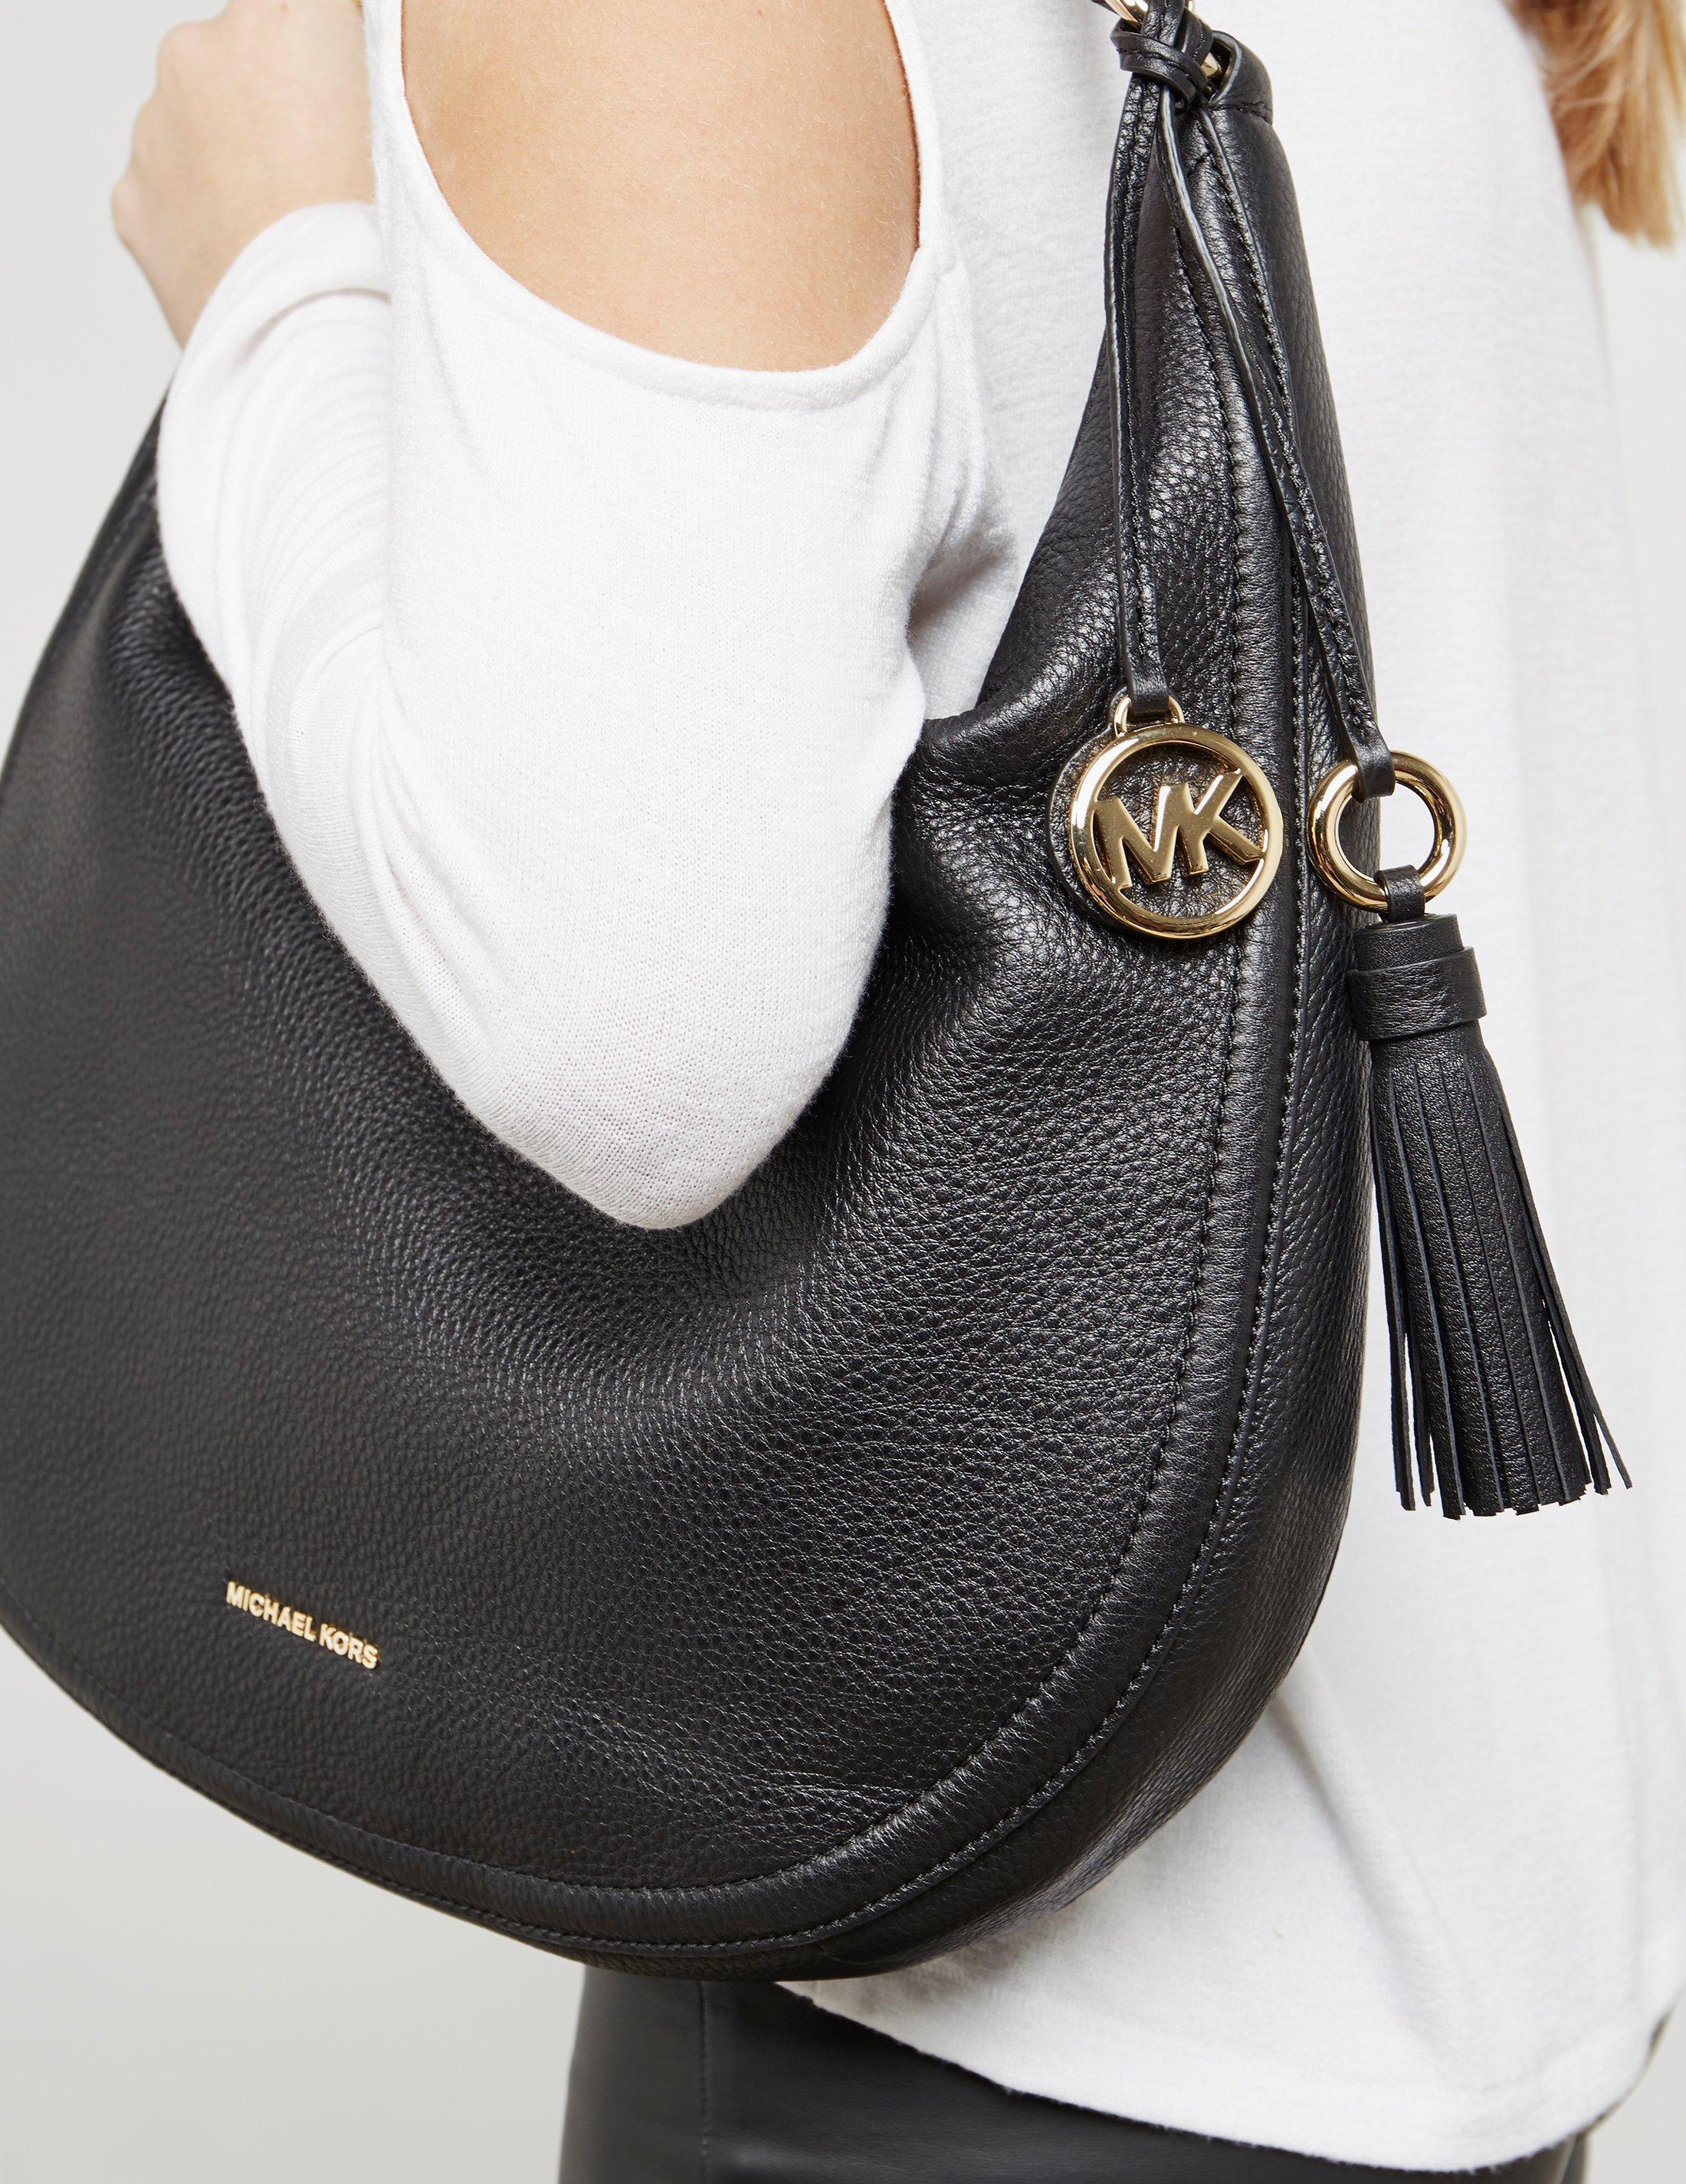 Lyst - Michael Kors Womens Lydia Hobo Shopper Bag Black in Black dca1eebd539d5